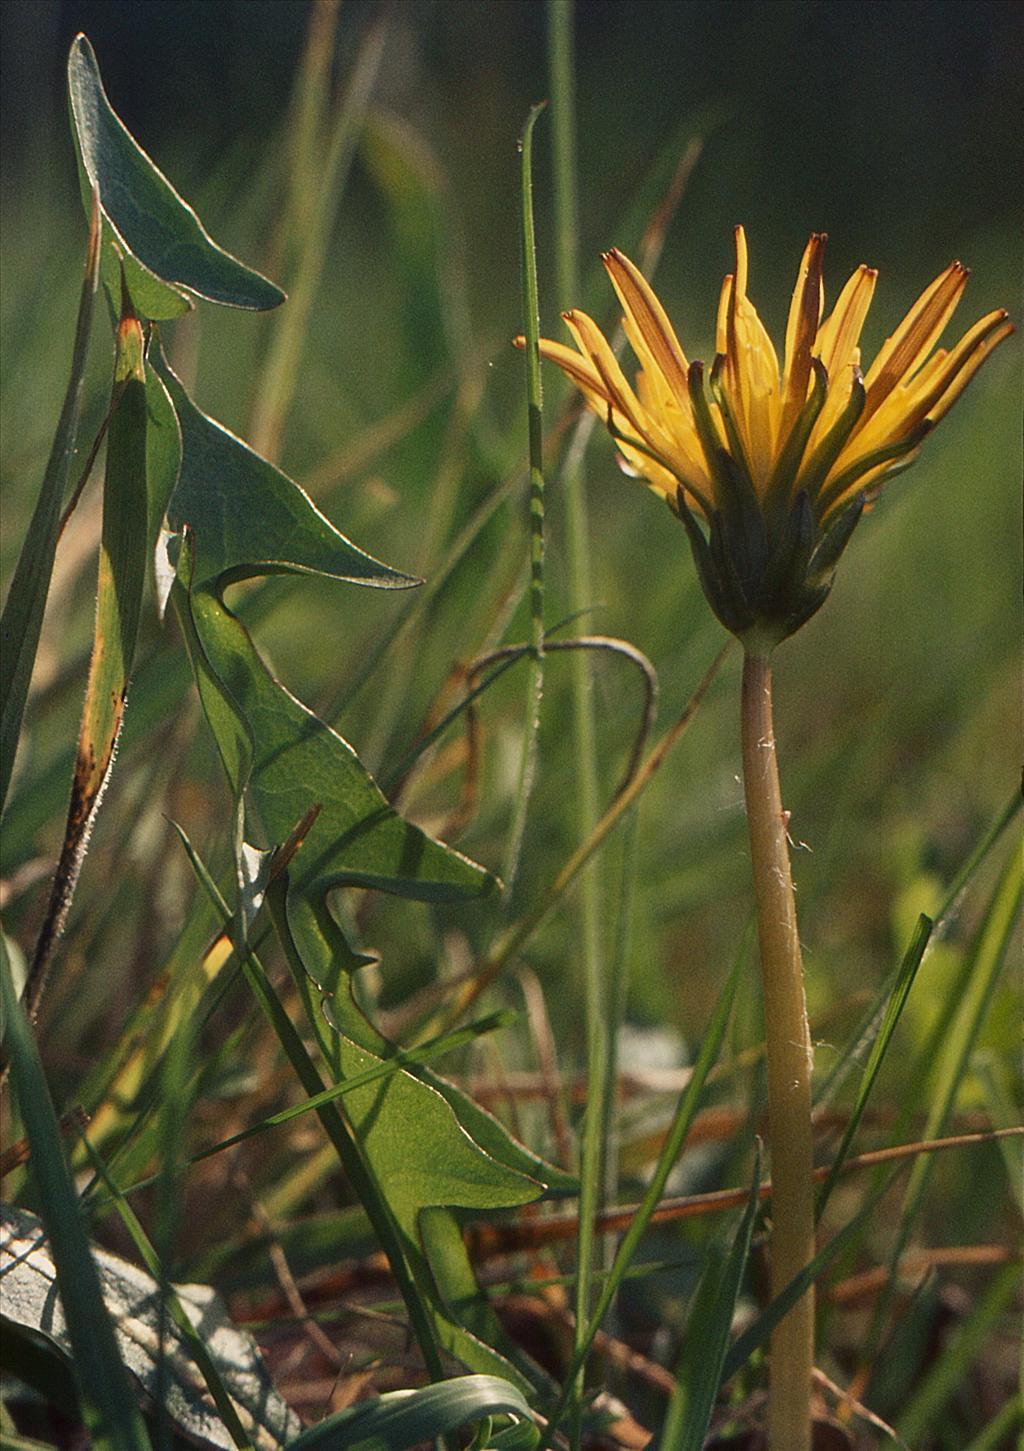 Taraxacum sect. Celtica (door Jelle Hofstra)